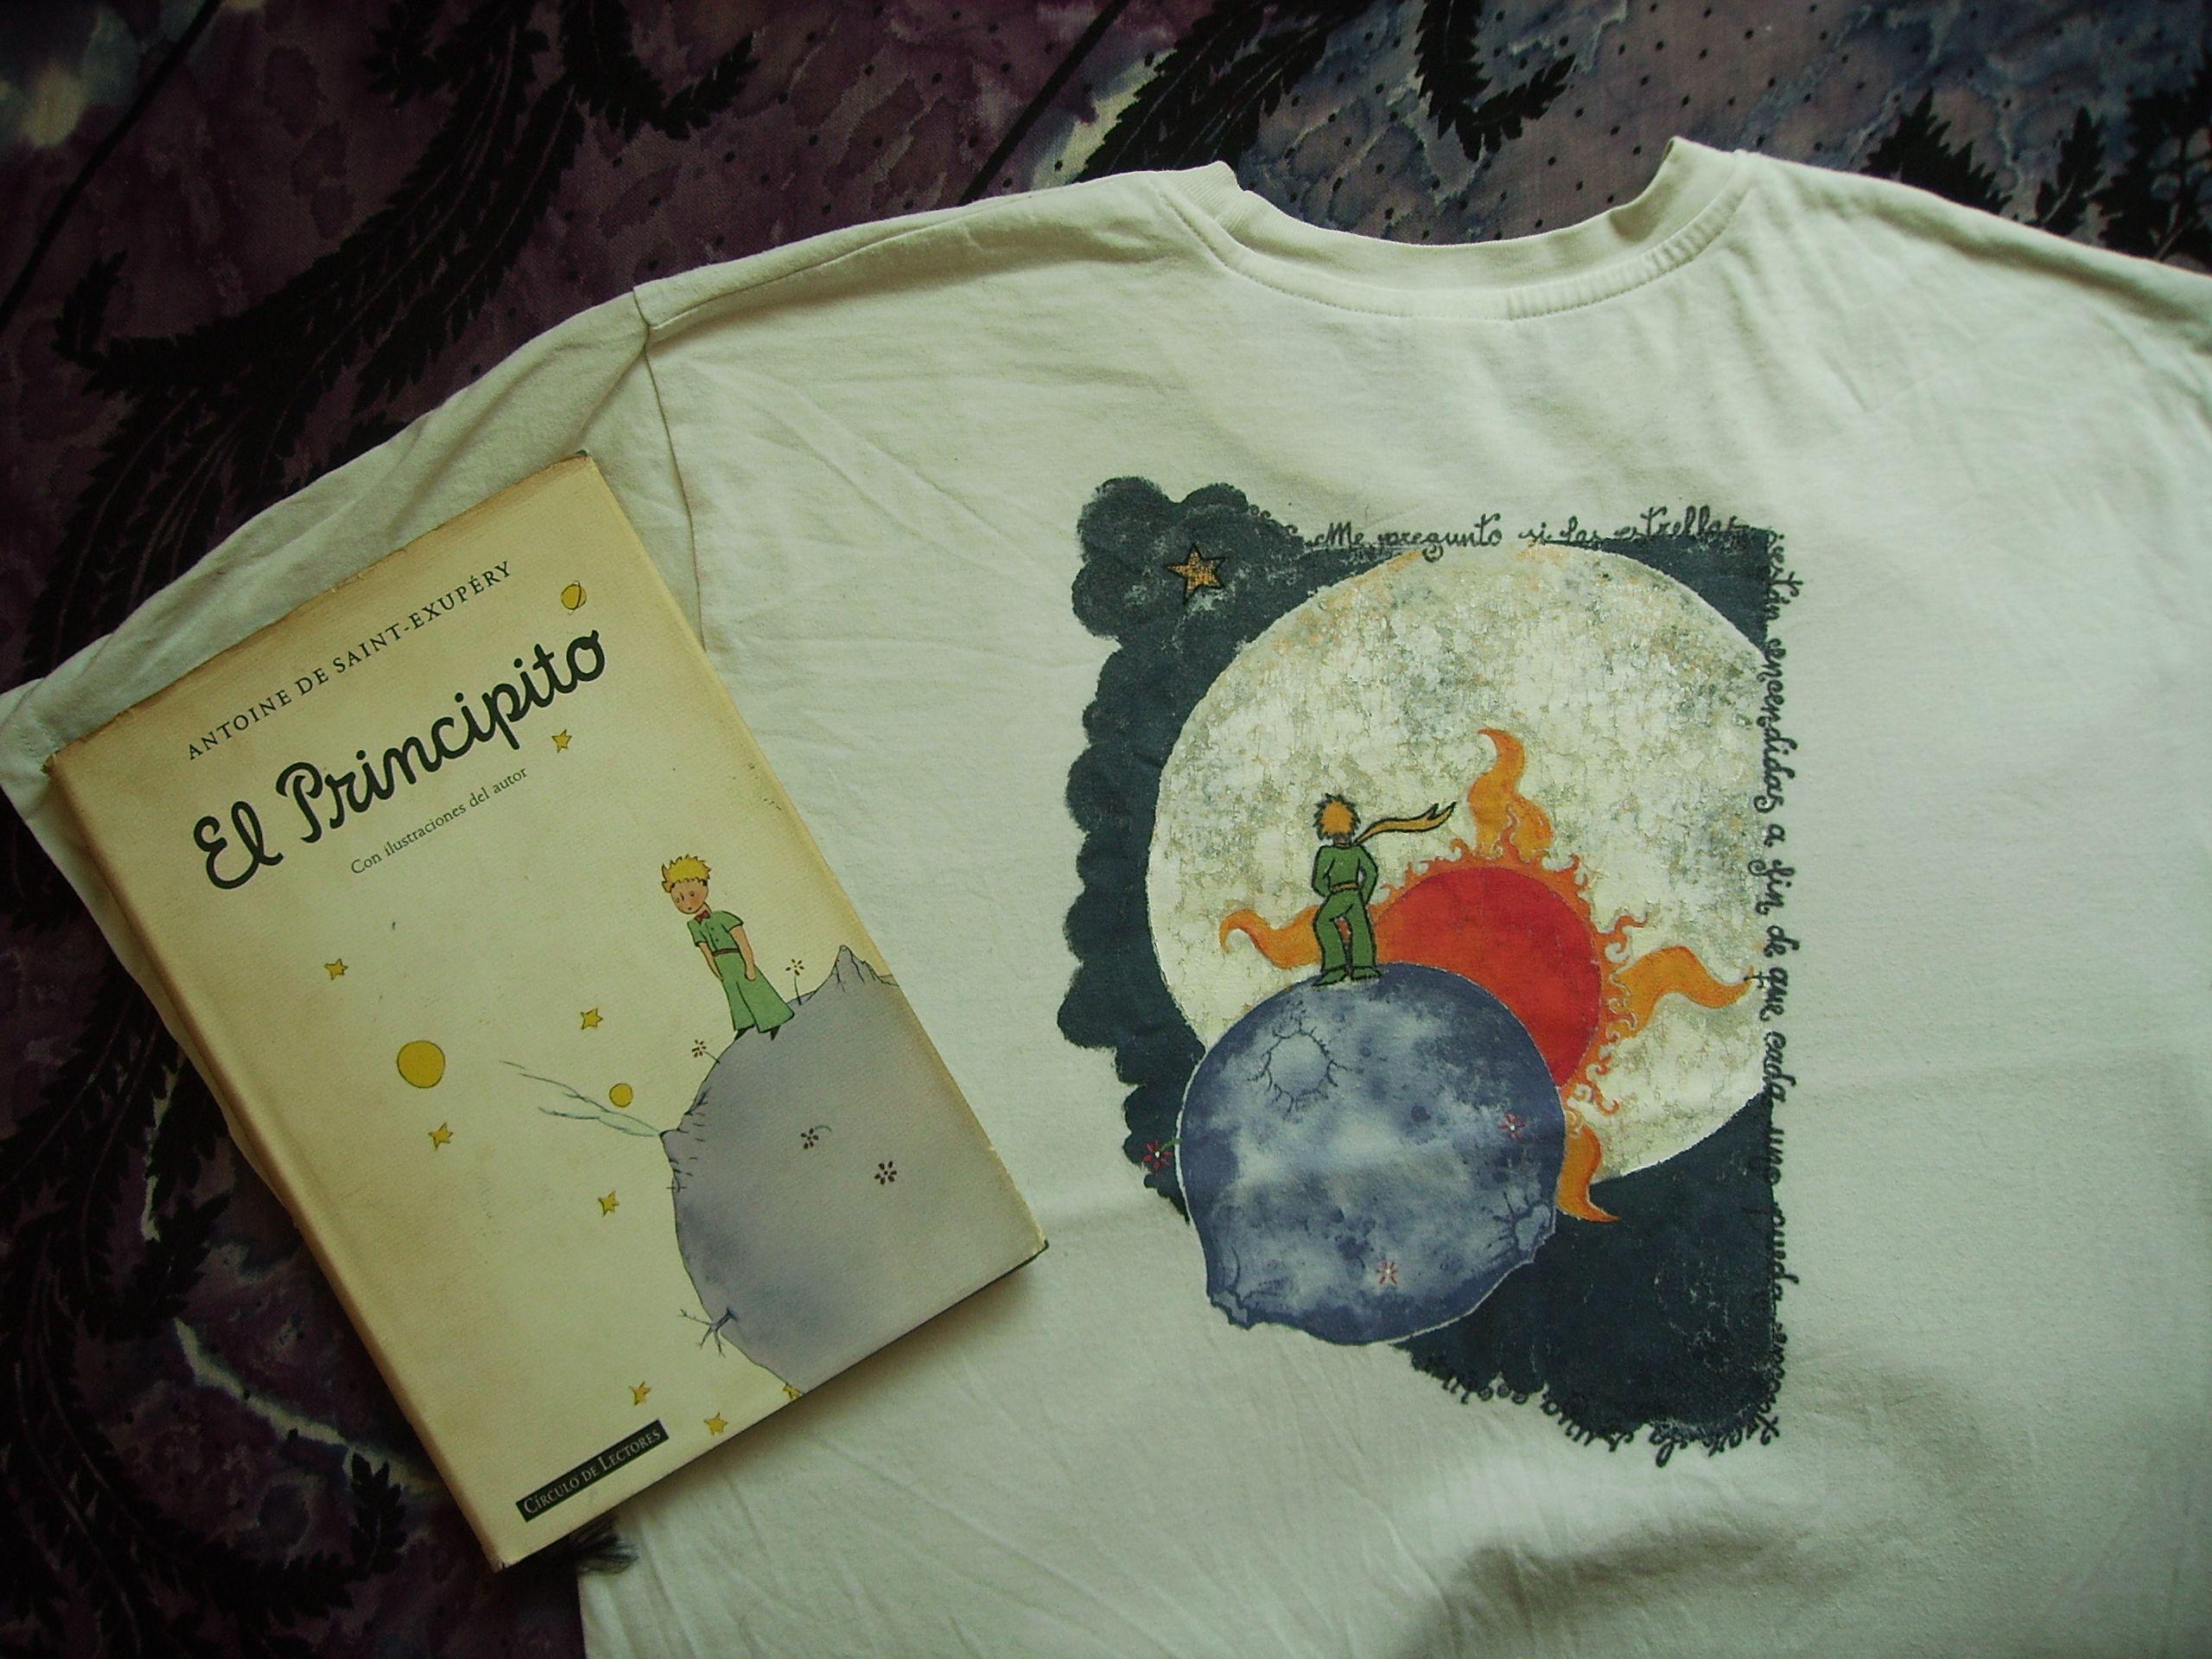 #elprincipito  #pintadoamano #camisetaspintadas #pinturadetela